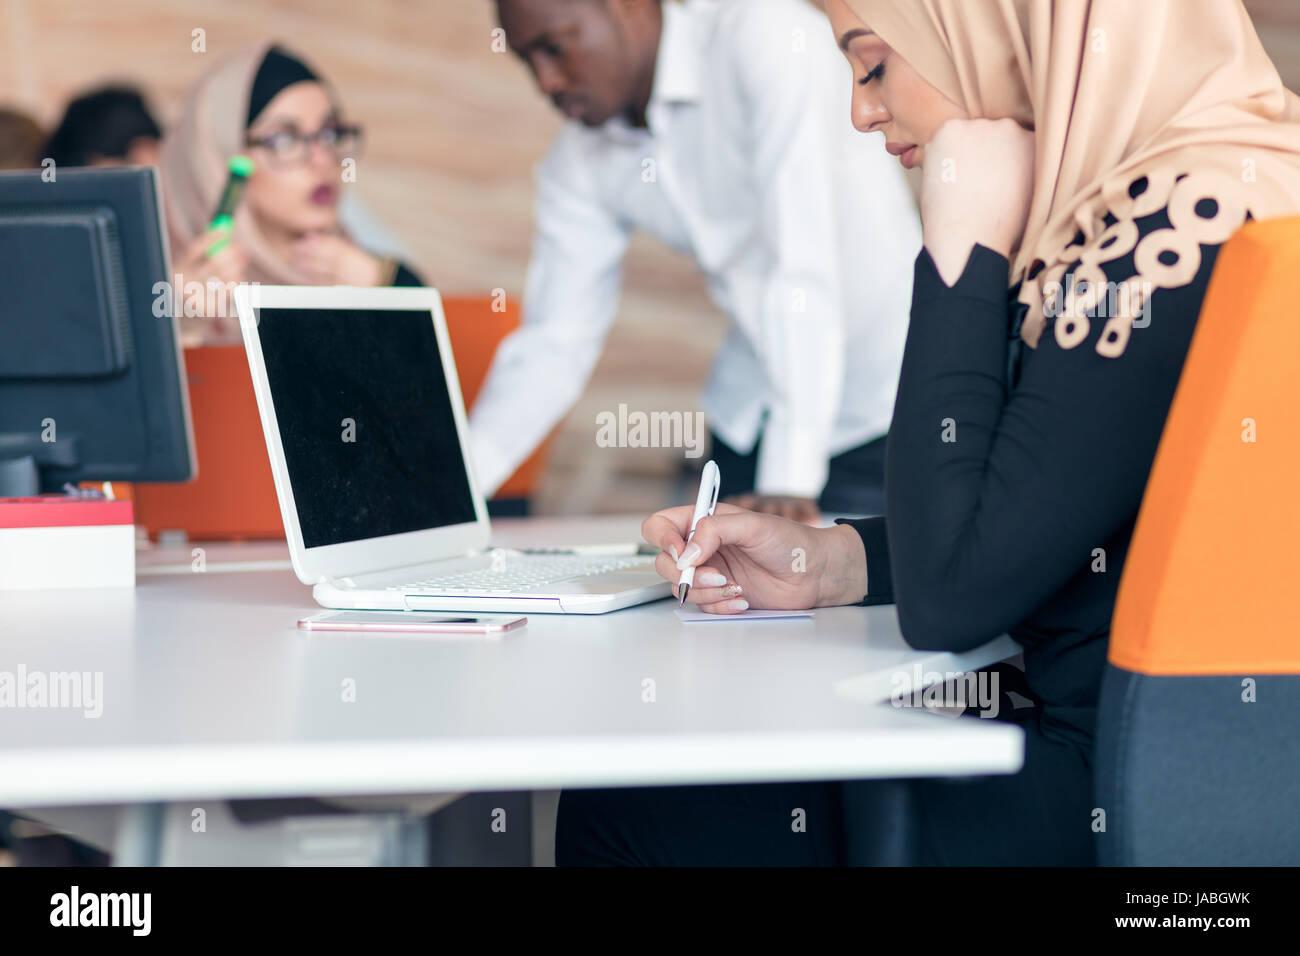 Les jeunes entreprises arabe femme portant le hijab travaillant